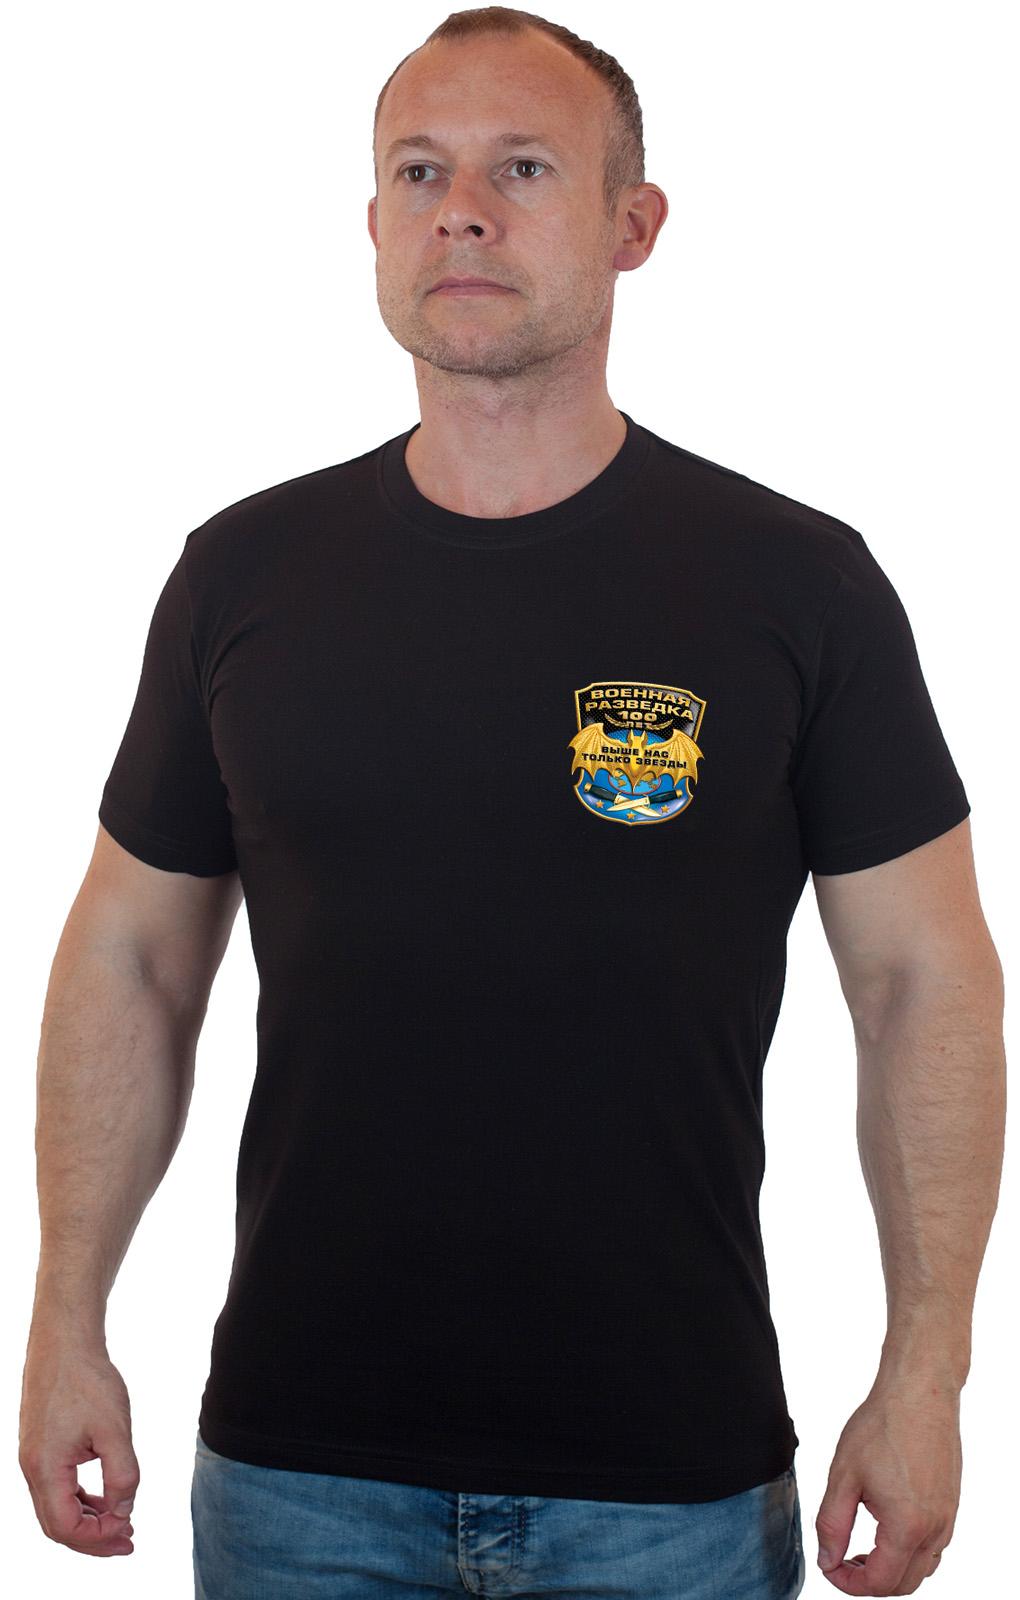 Заказать футболку военную Разведке 100 лет по привлекательной цене